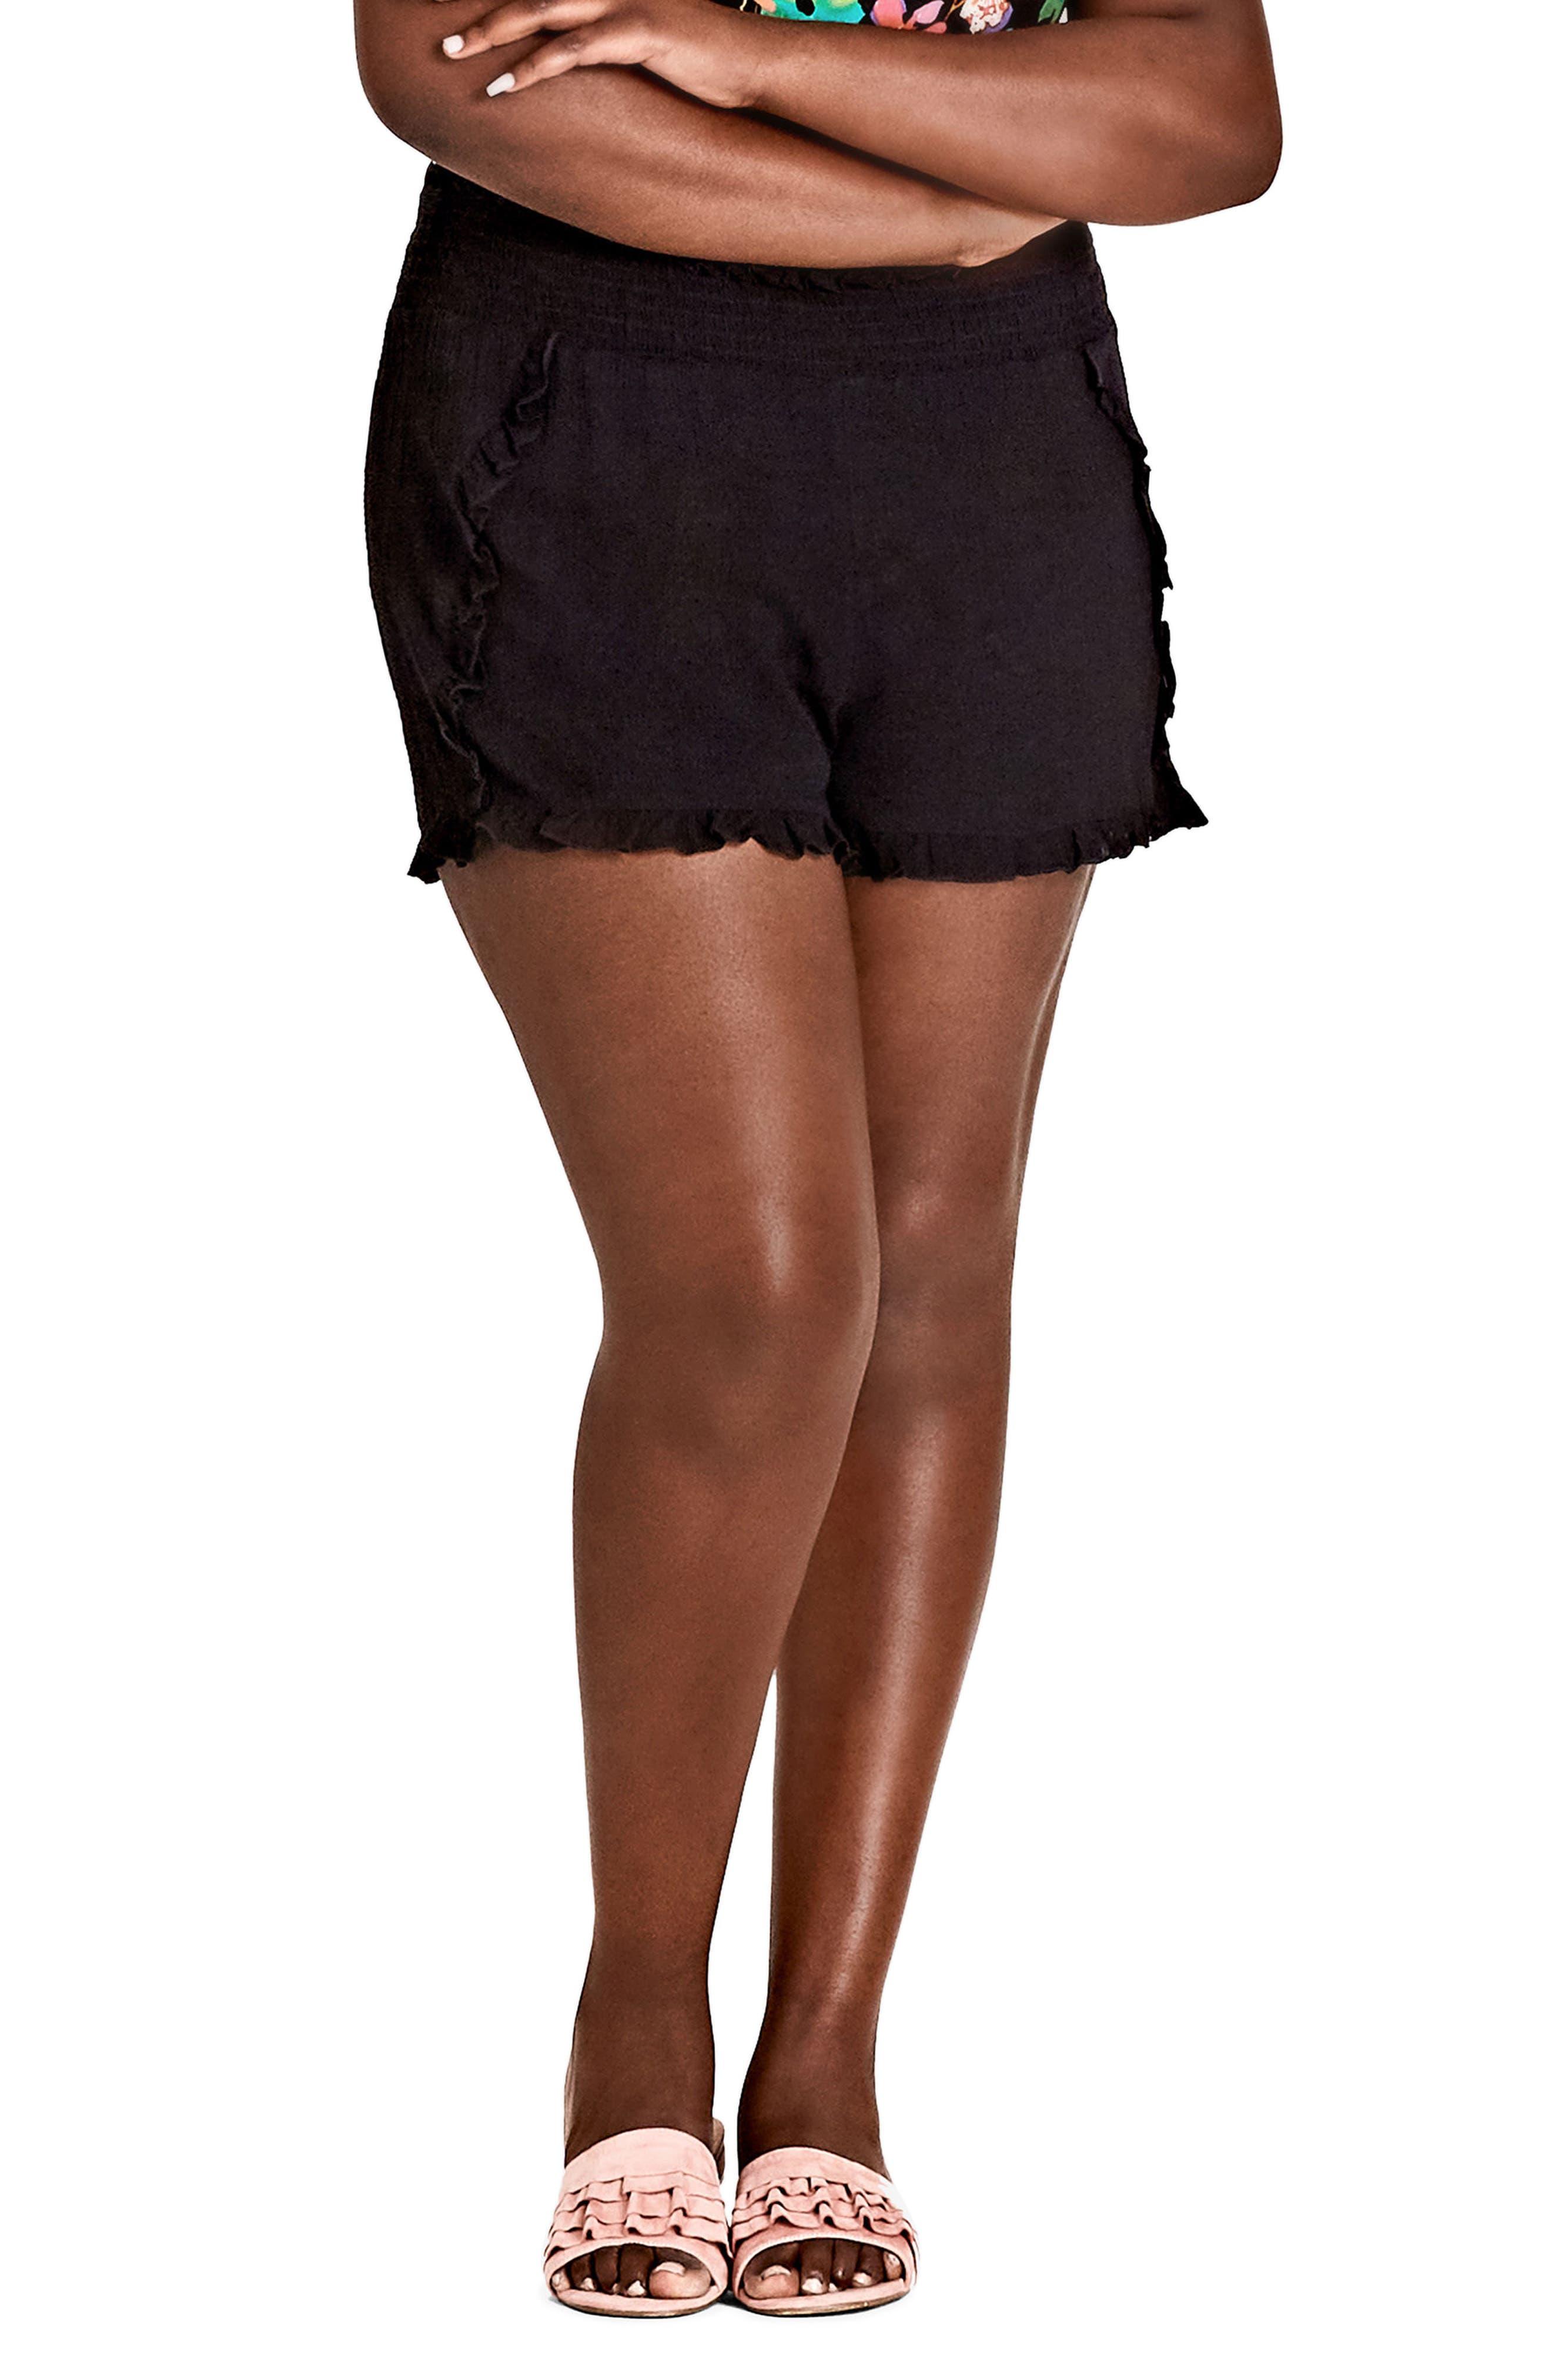 Island Holiday Shorts,                             Main thumbnail 1, color,                             BLACK